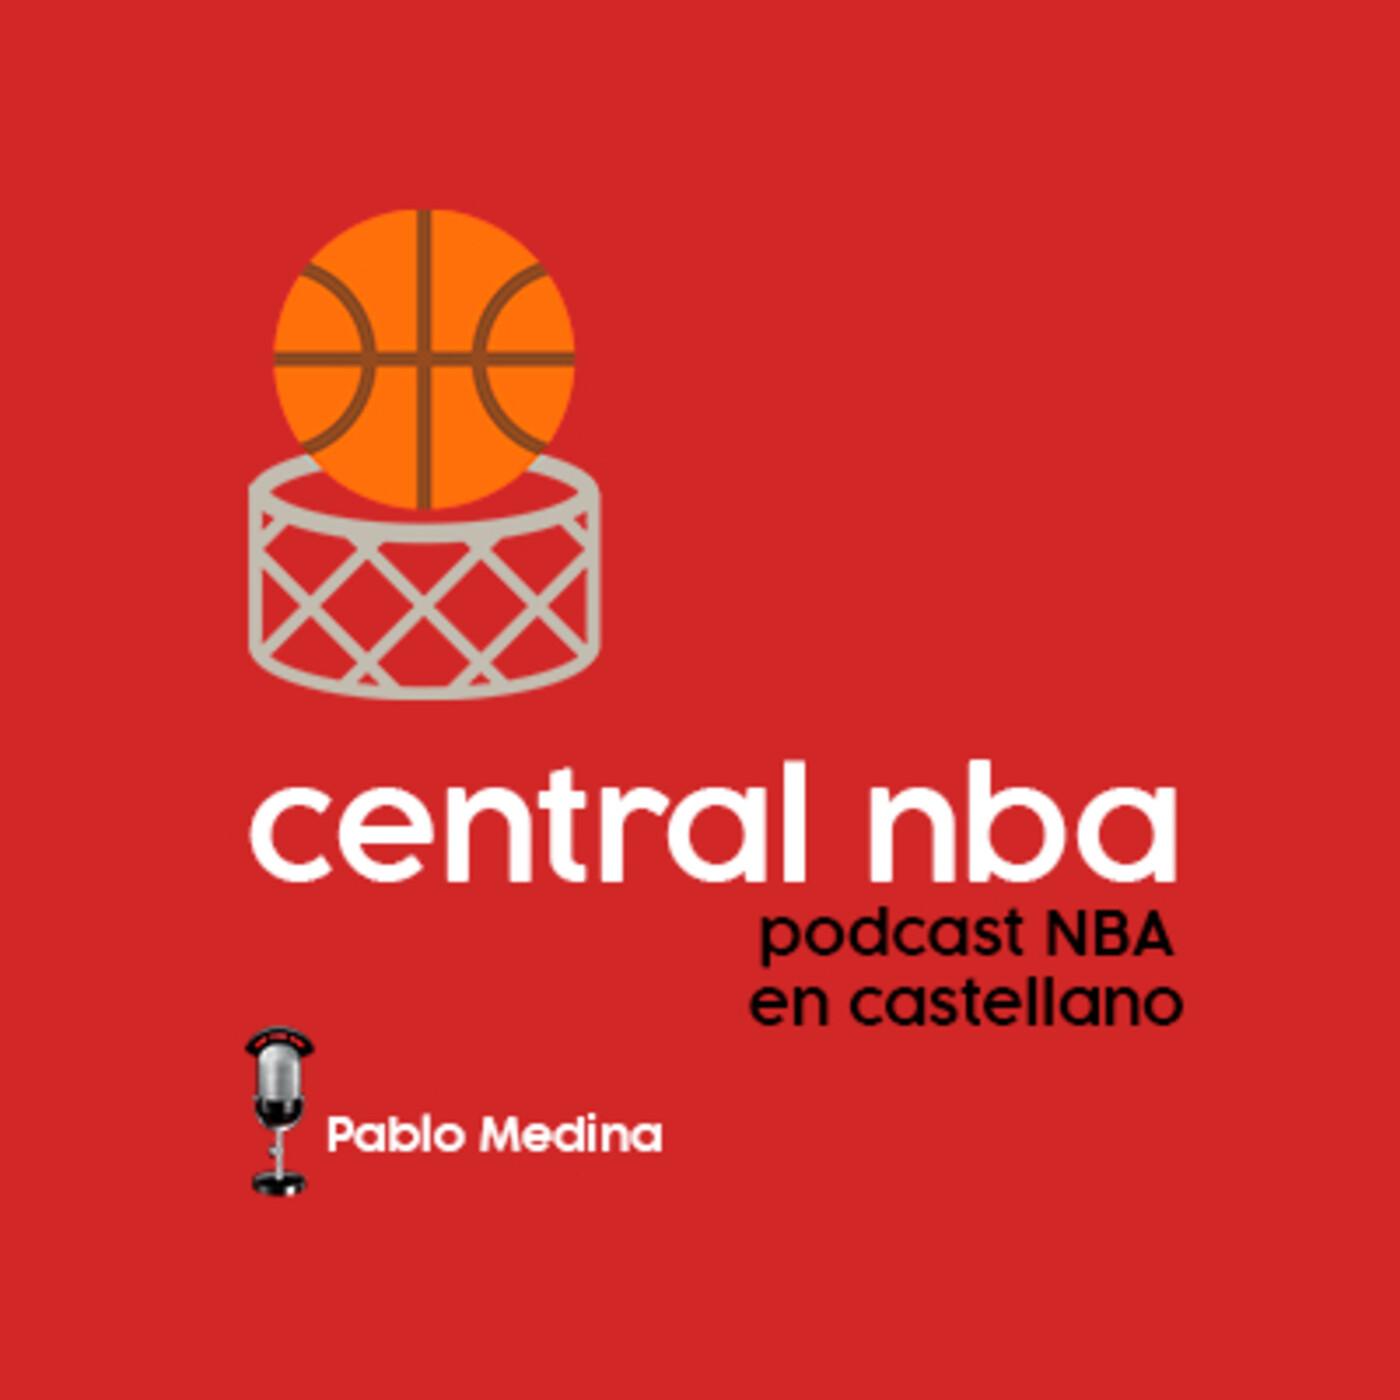 JAMAL MURRAY SACA LAS GARRAS FRENTE A LAKERS y NUGGETS PONEN EL (1-2) - CENTRAL NBA #37 (23/09/2020)